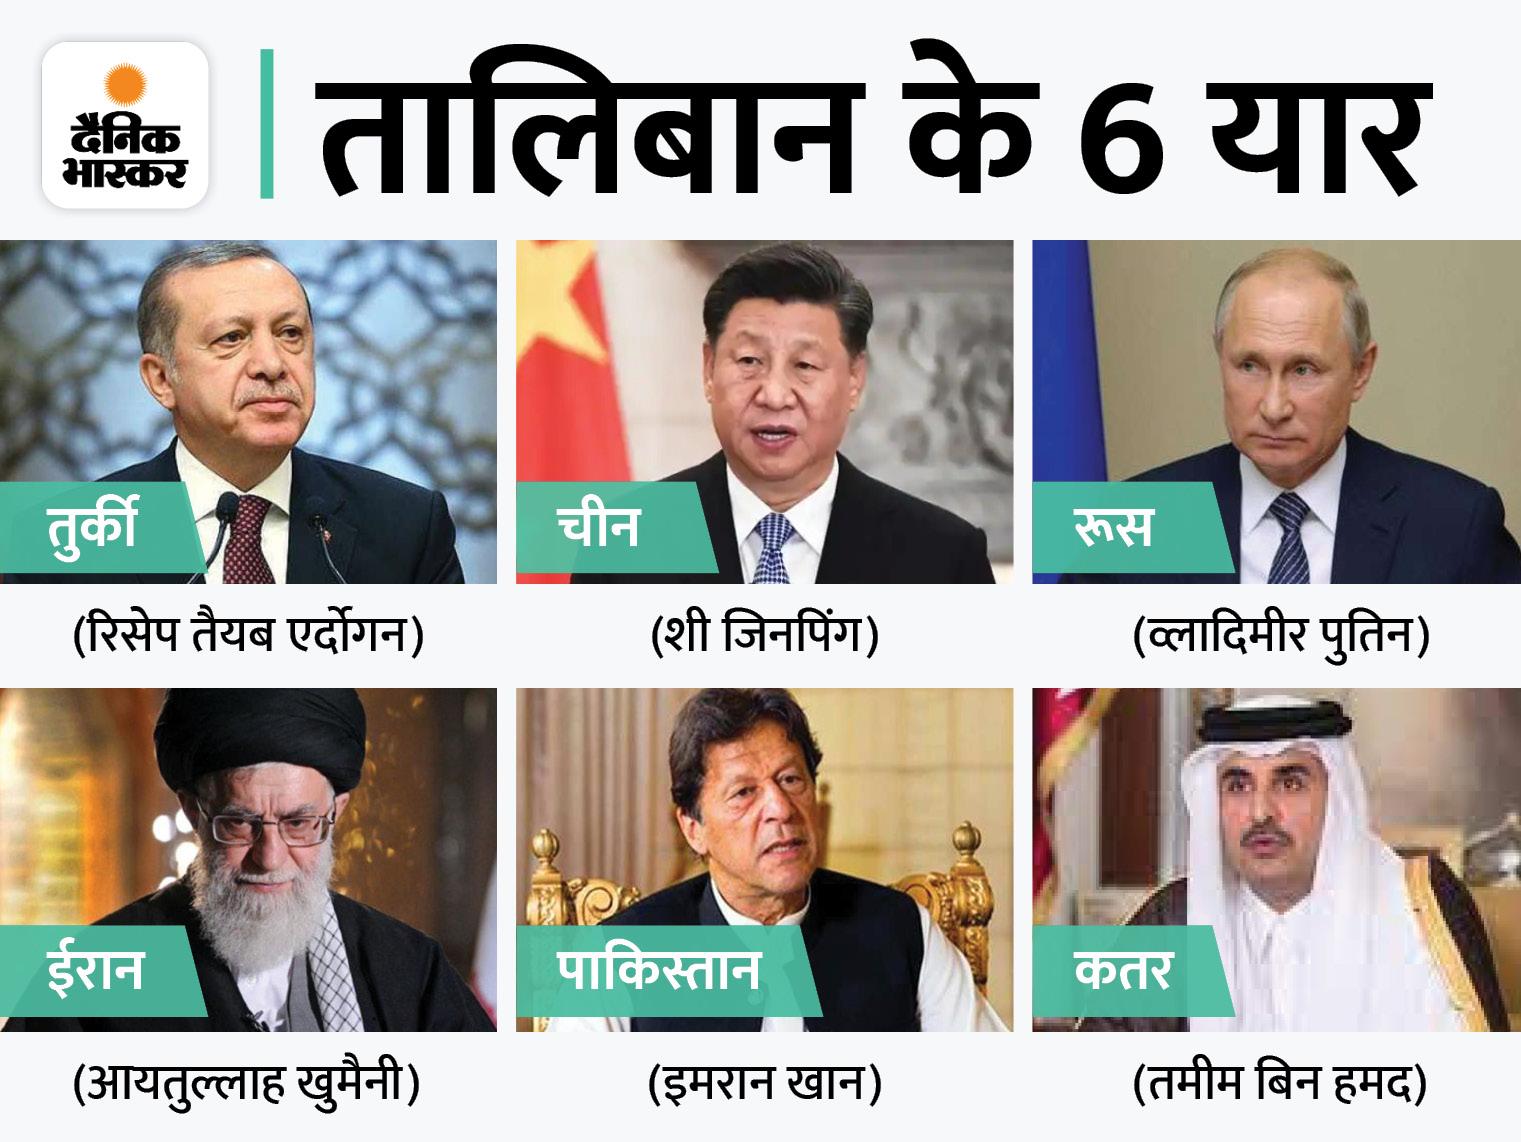 अफगानिस्तान में सरकार बनने पर समारोह में शामिल होंगे 6 देश, पाकिस्तान और ईरान को भी बुलावा|विदेश,International - Dainik Bhaskar